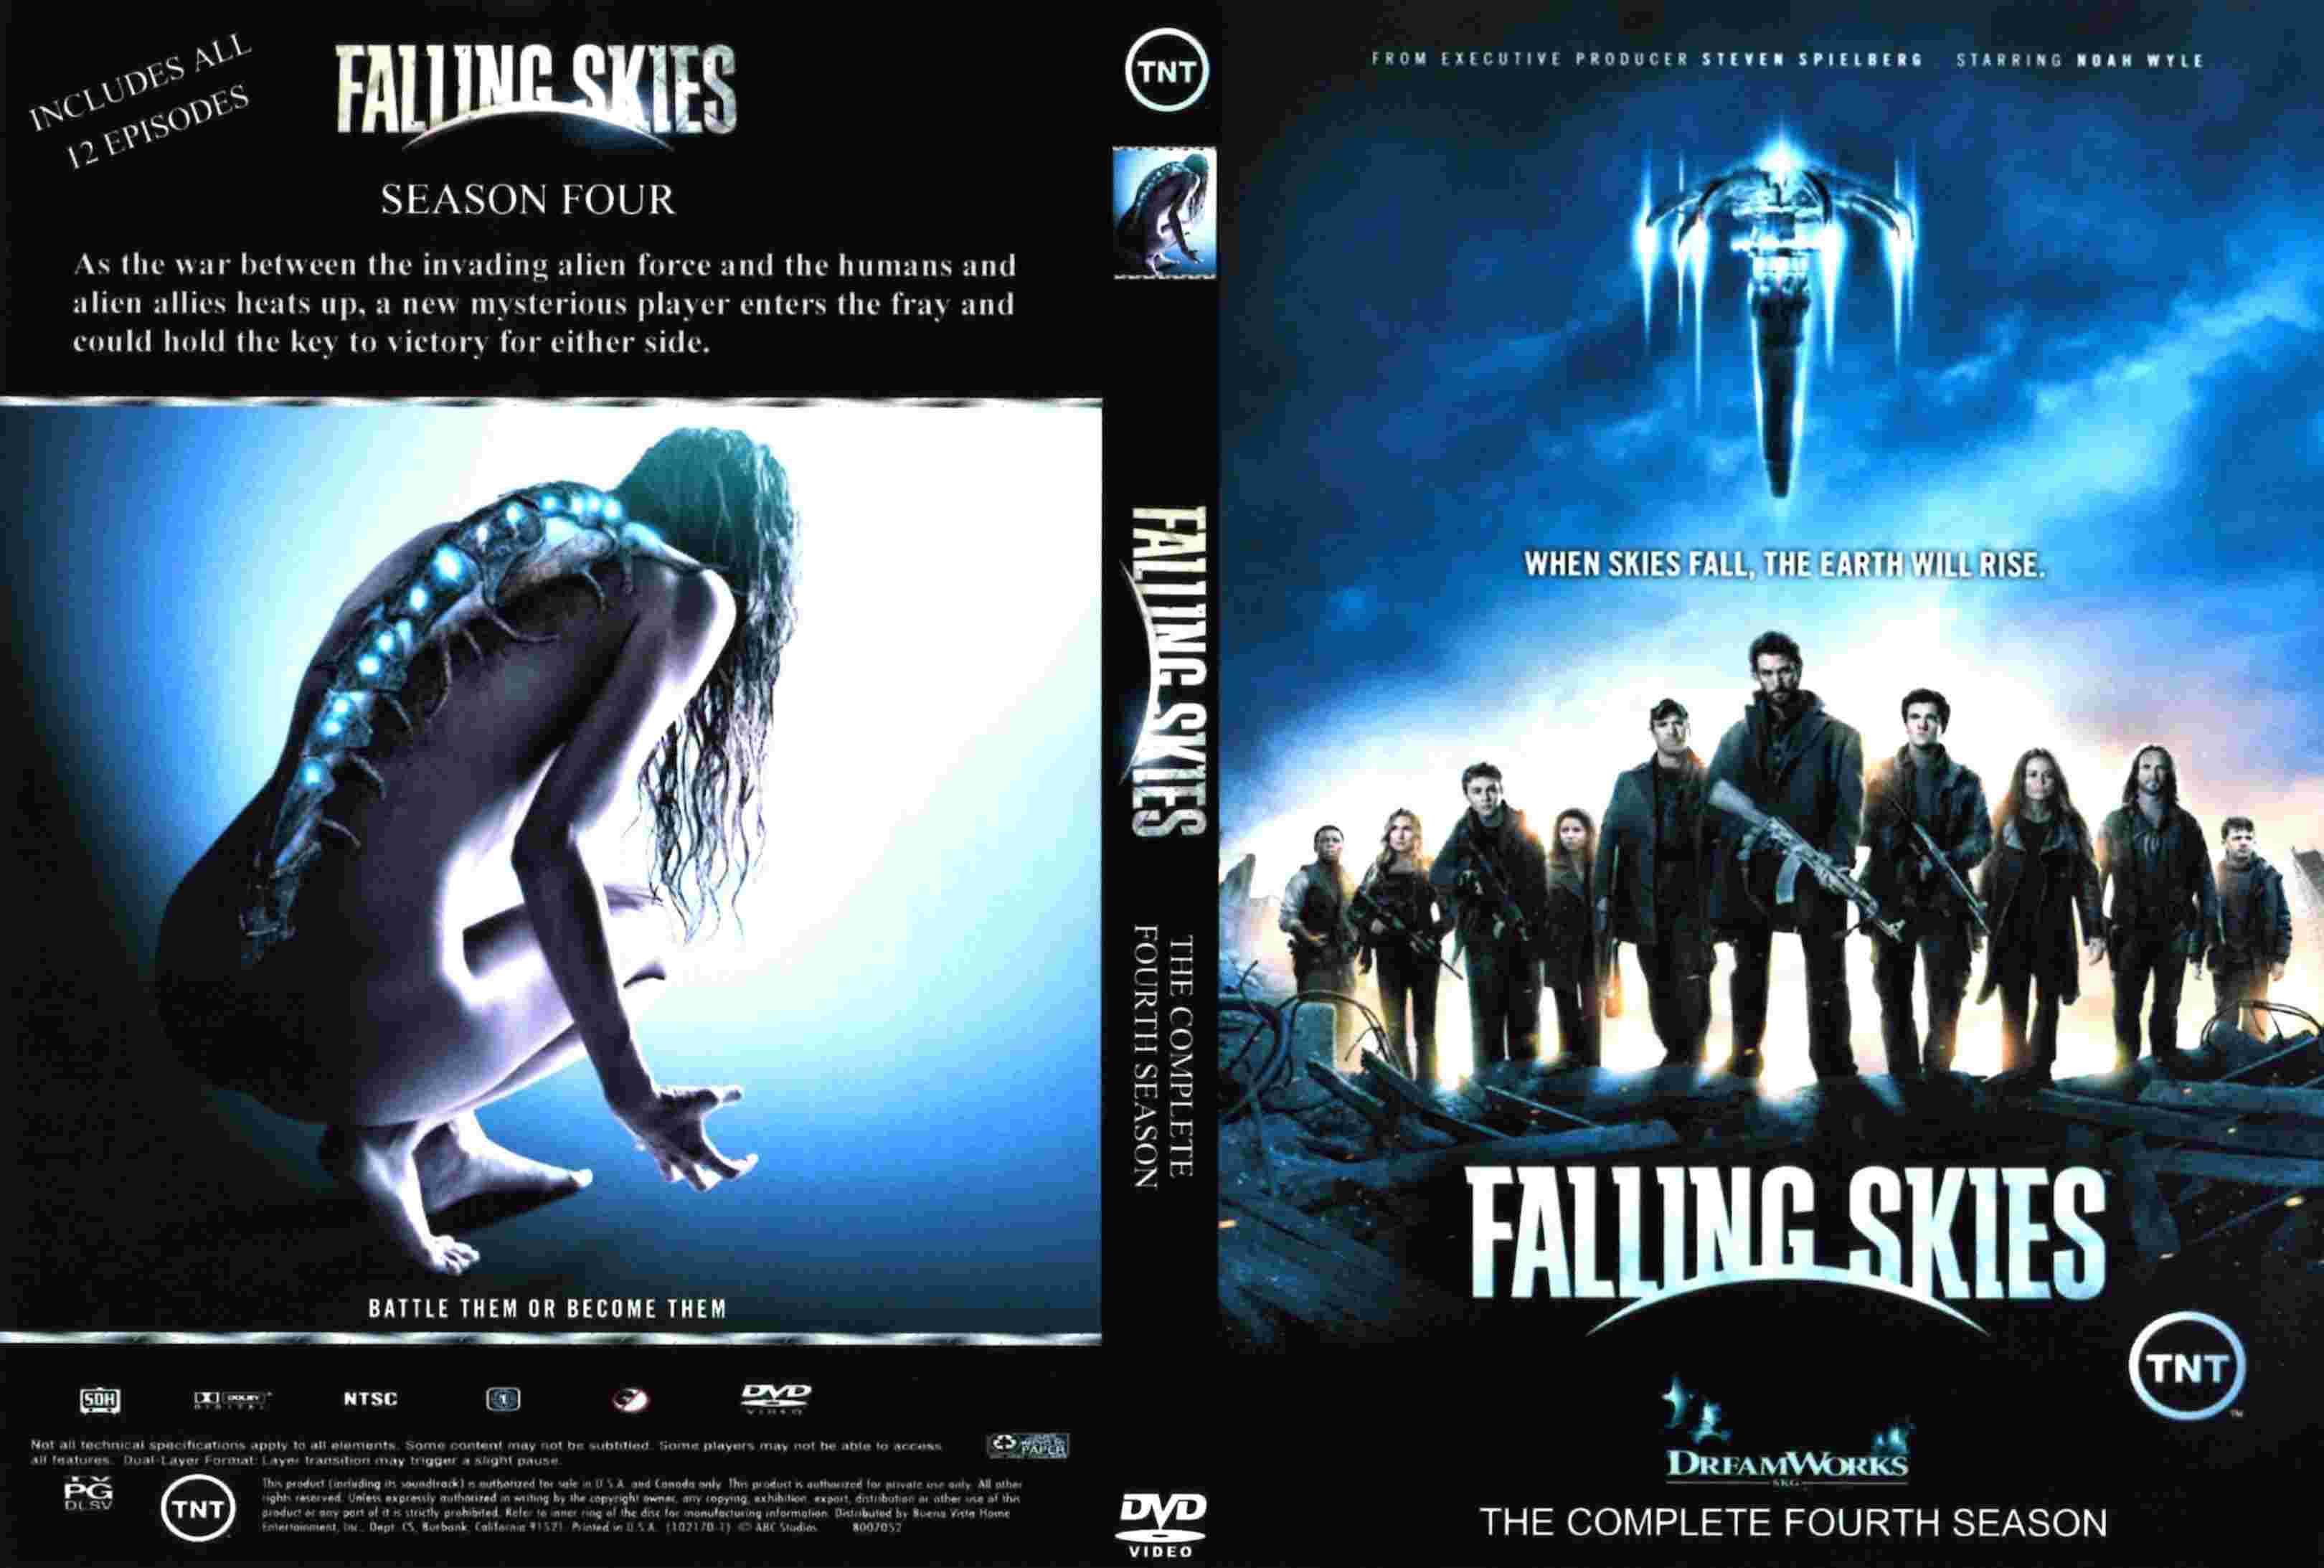 The falling skies season 4 : Pawan kalyan new movie audio release